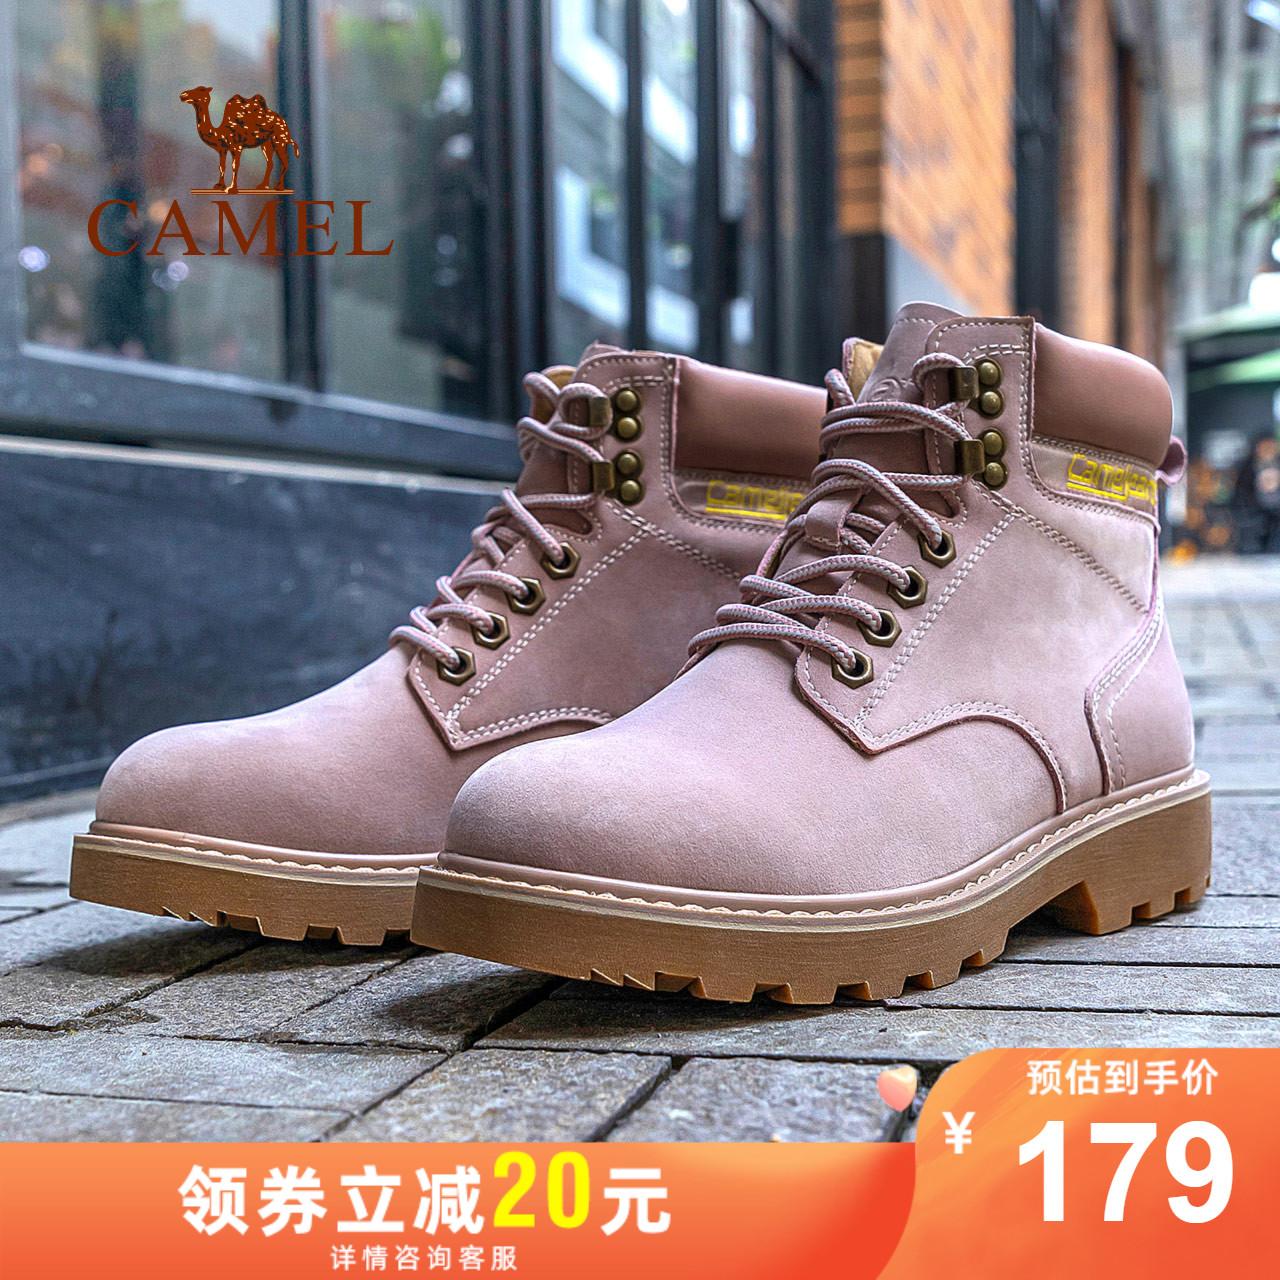 Обувь для туризма / Лыжные и сноубордические ботинки Артикул 597938572908